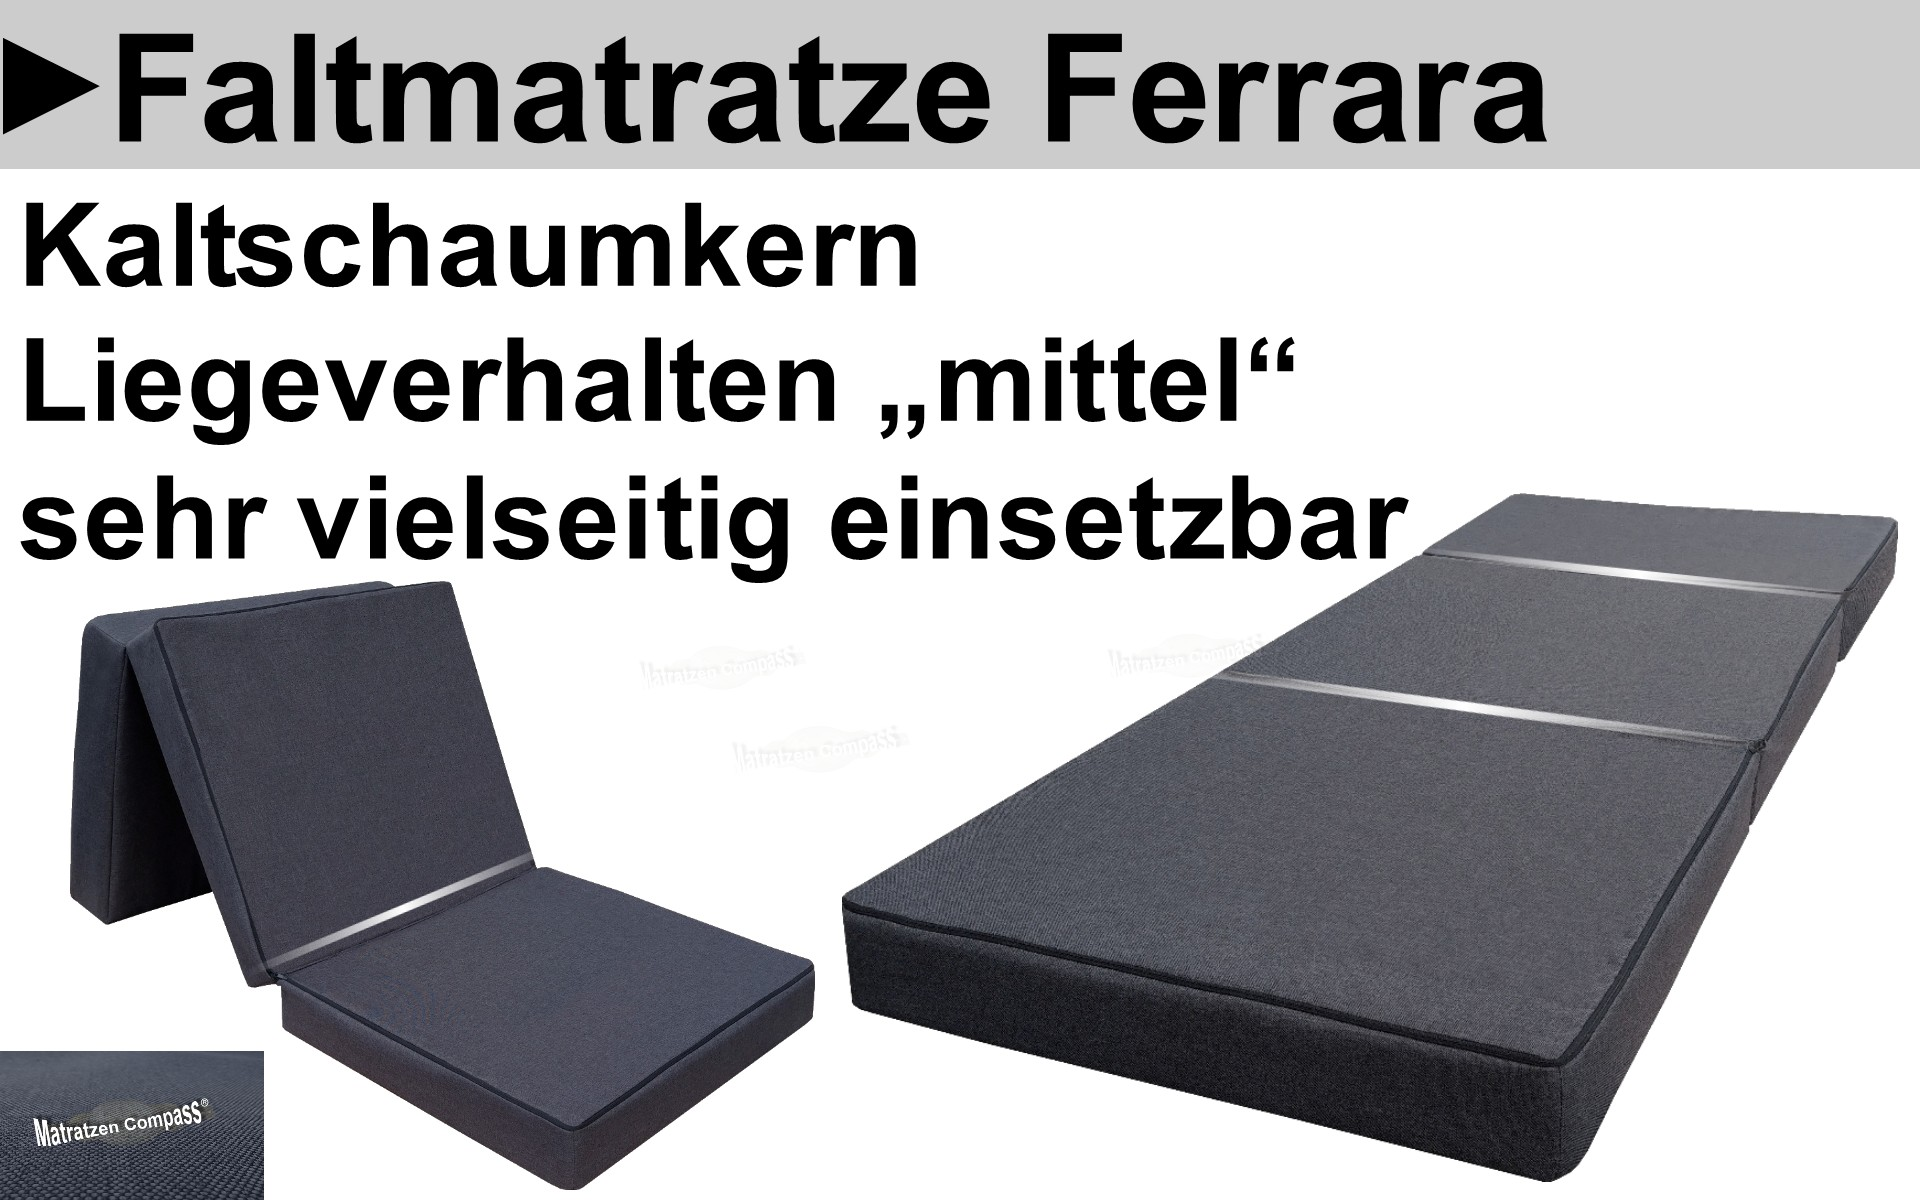 sehr-bequeme-haltbare-mittelfeste-faltbare-matratze-ferrara-qualitaets-faltmatratzen